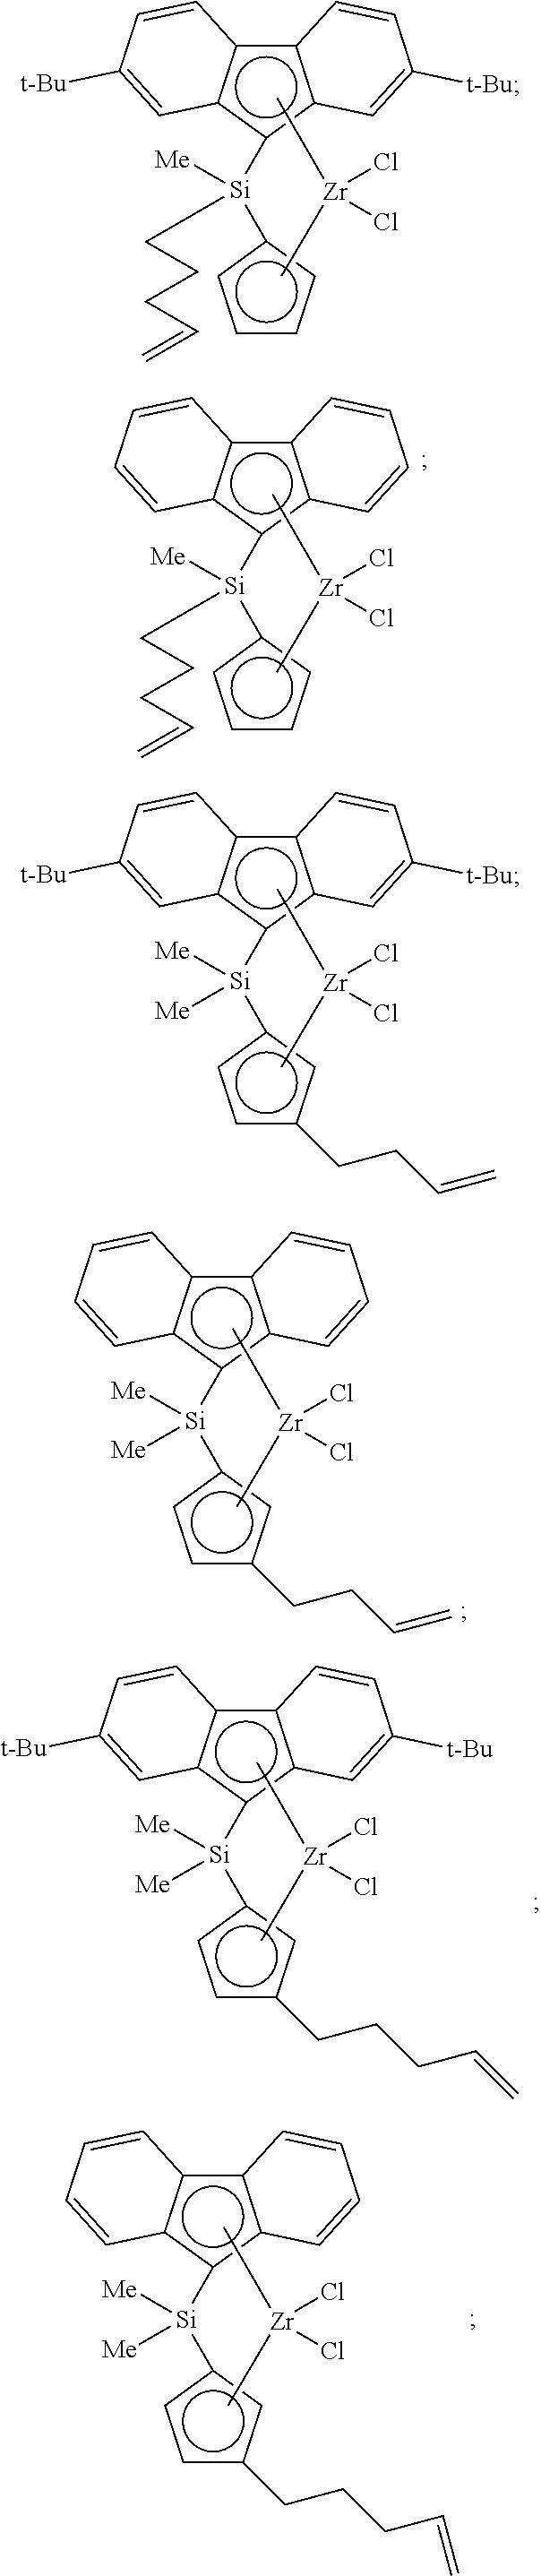 Figure US08450436-20130528-C00013